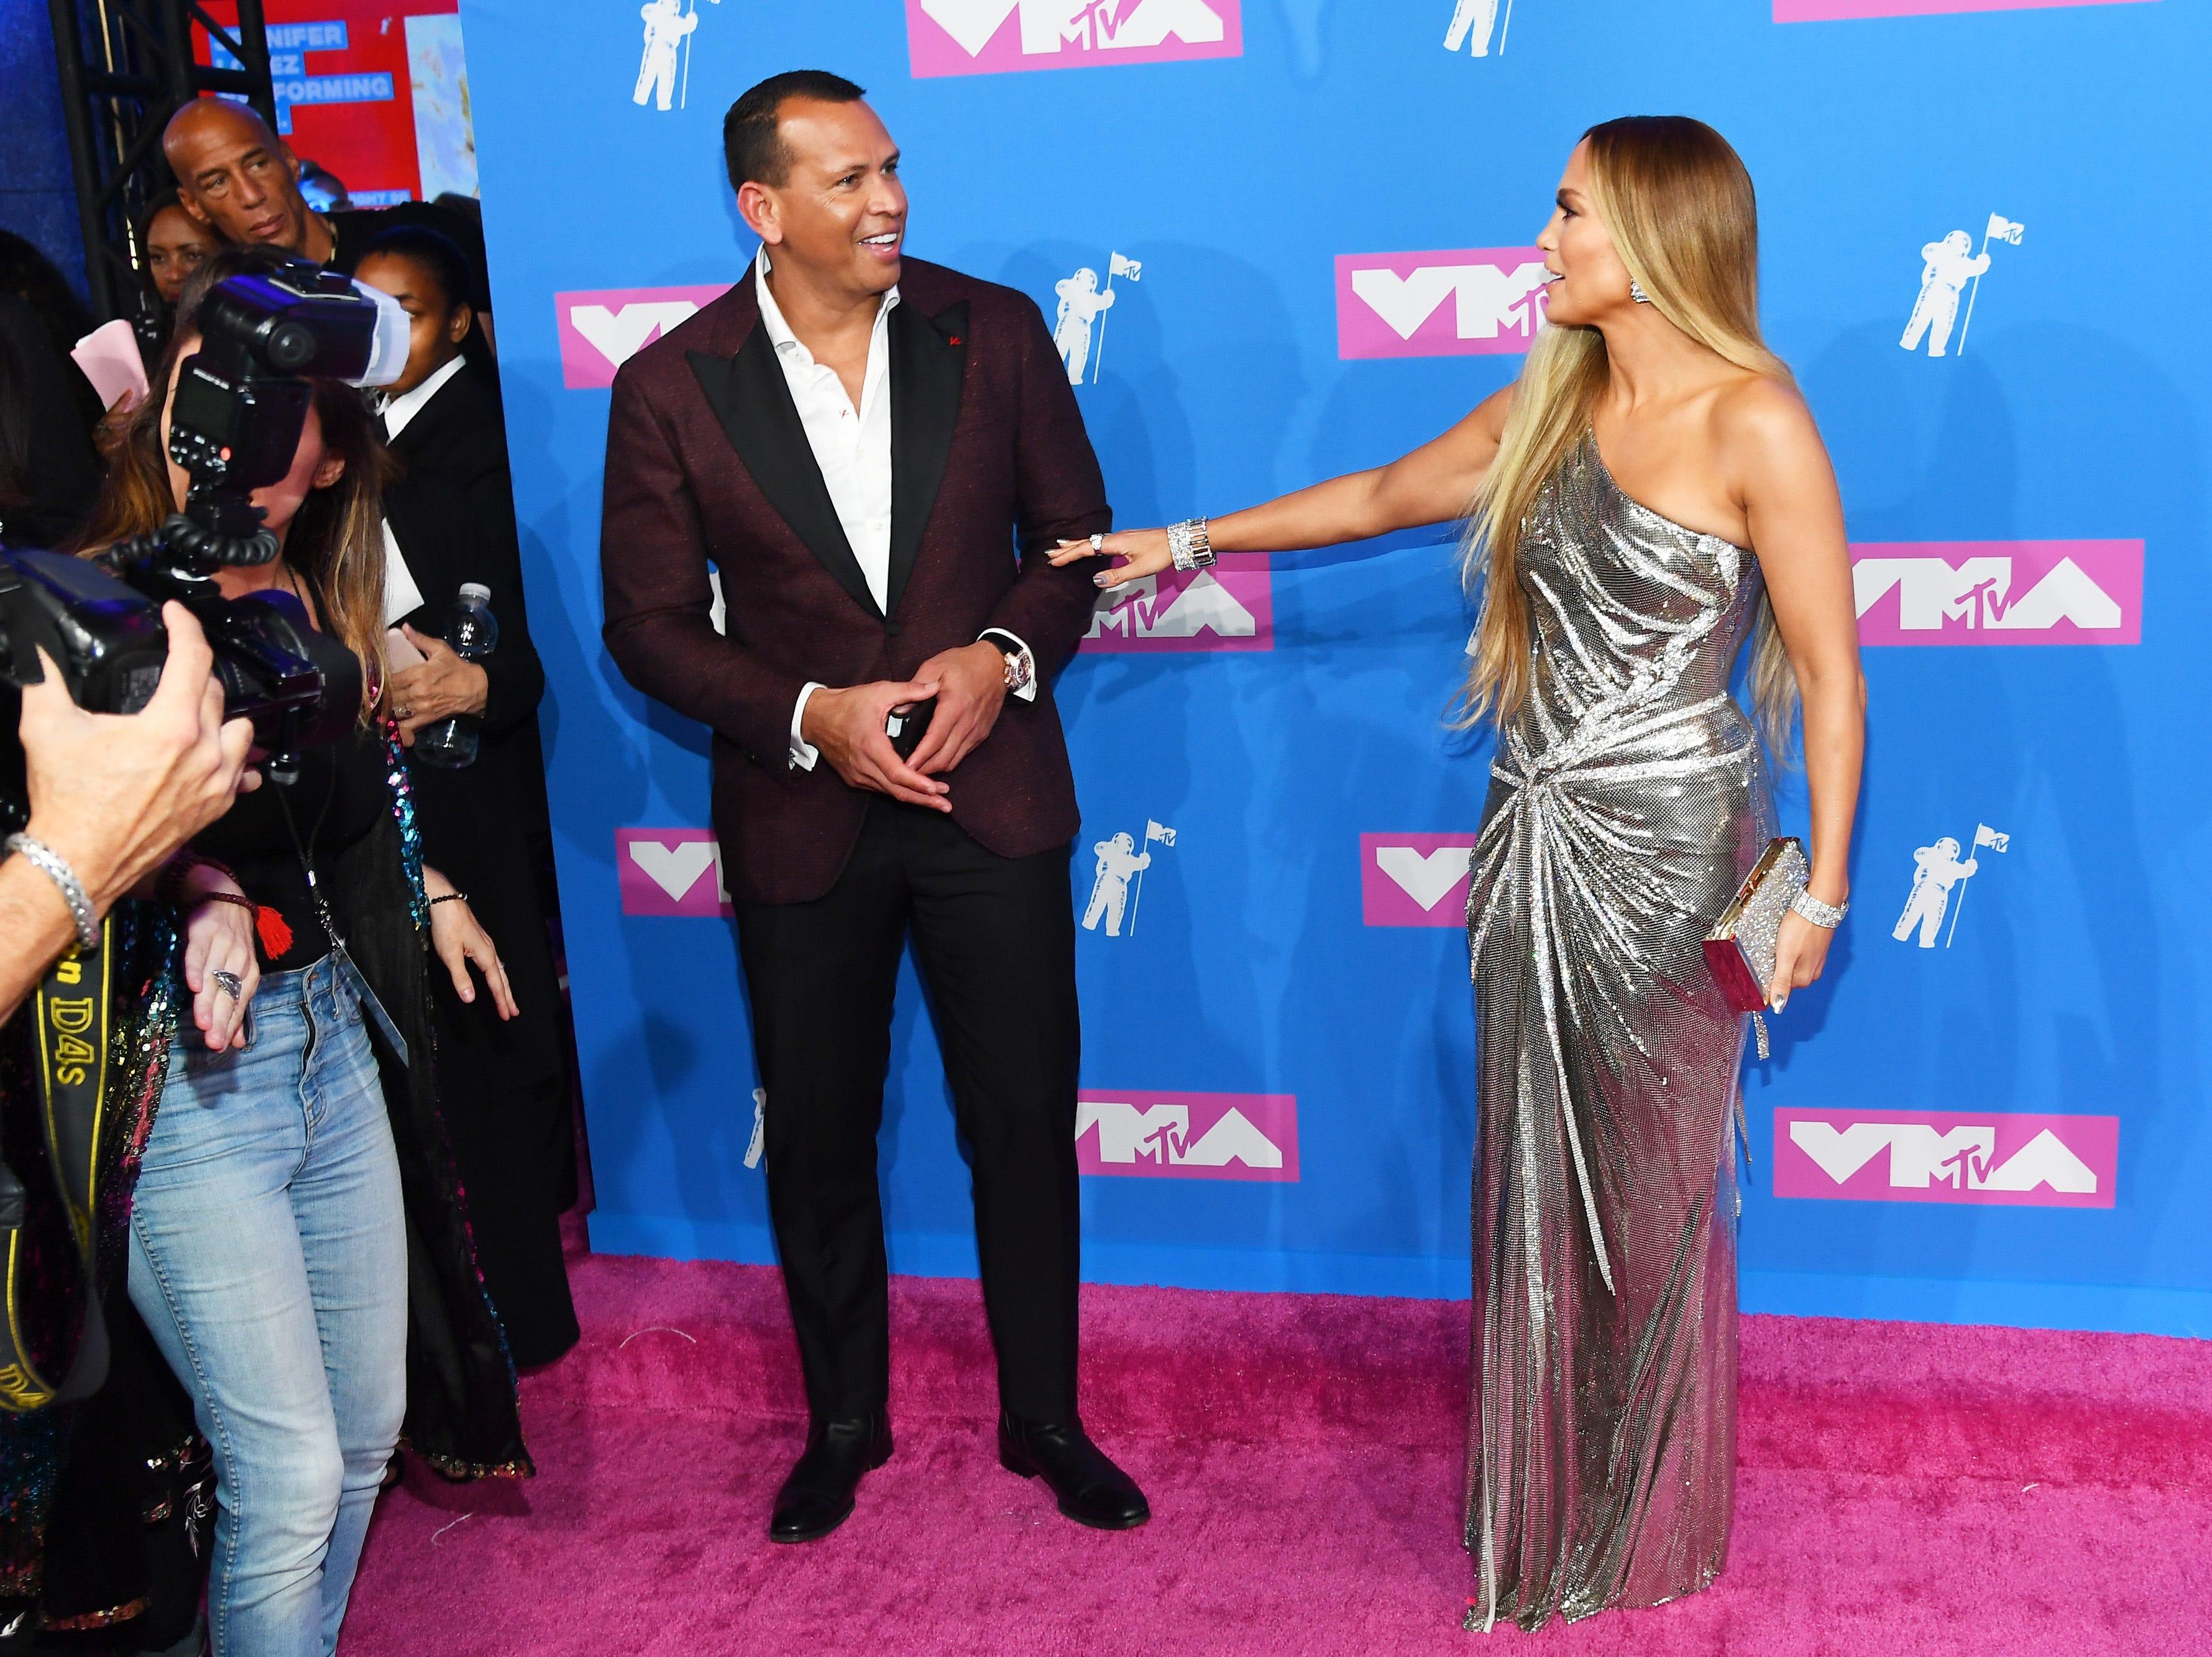 Alex Rodriguez y Jennifer Lopez asisten a los MTV Video Music Awards 2018 en el Radio City Music Hall el 20 de agosto de 2018 en la ciudad de Nueva York.